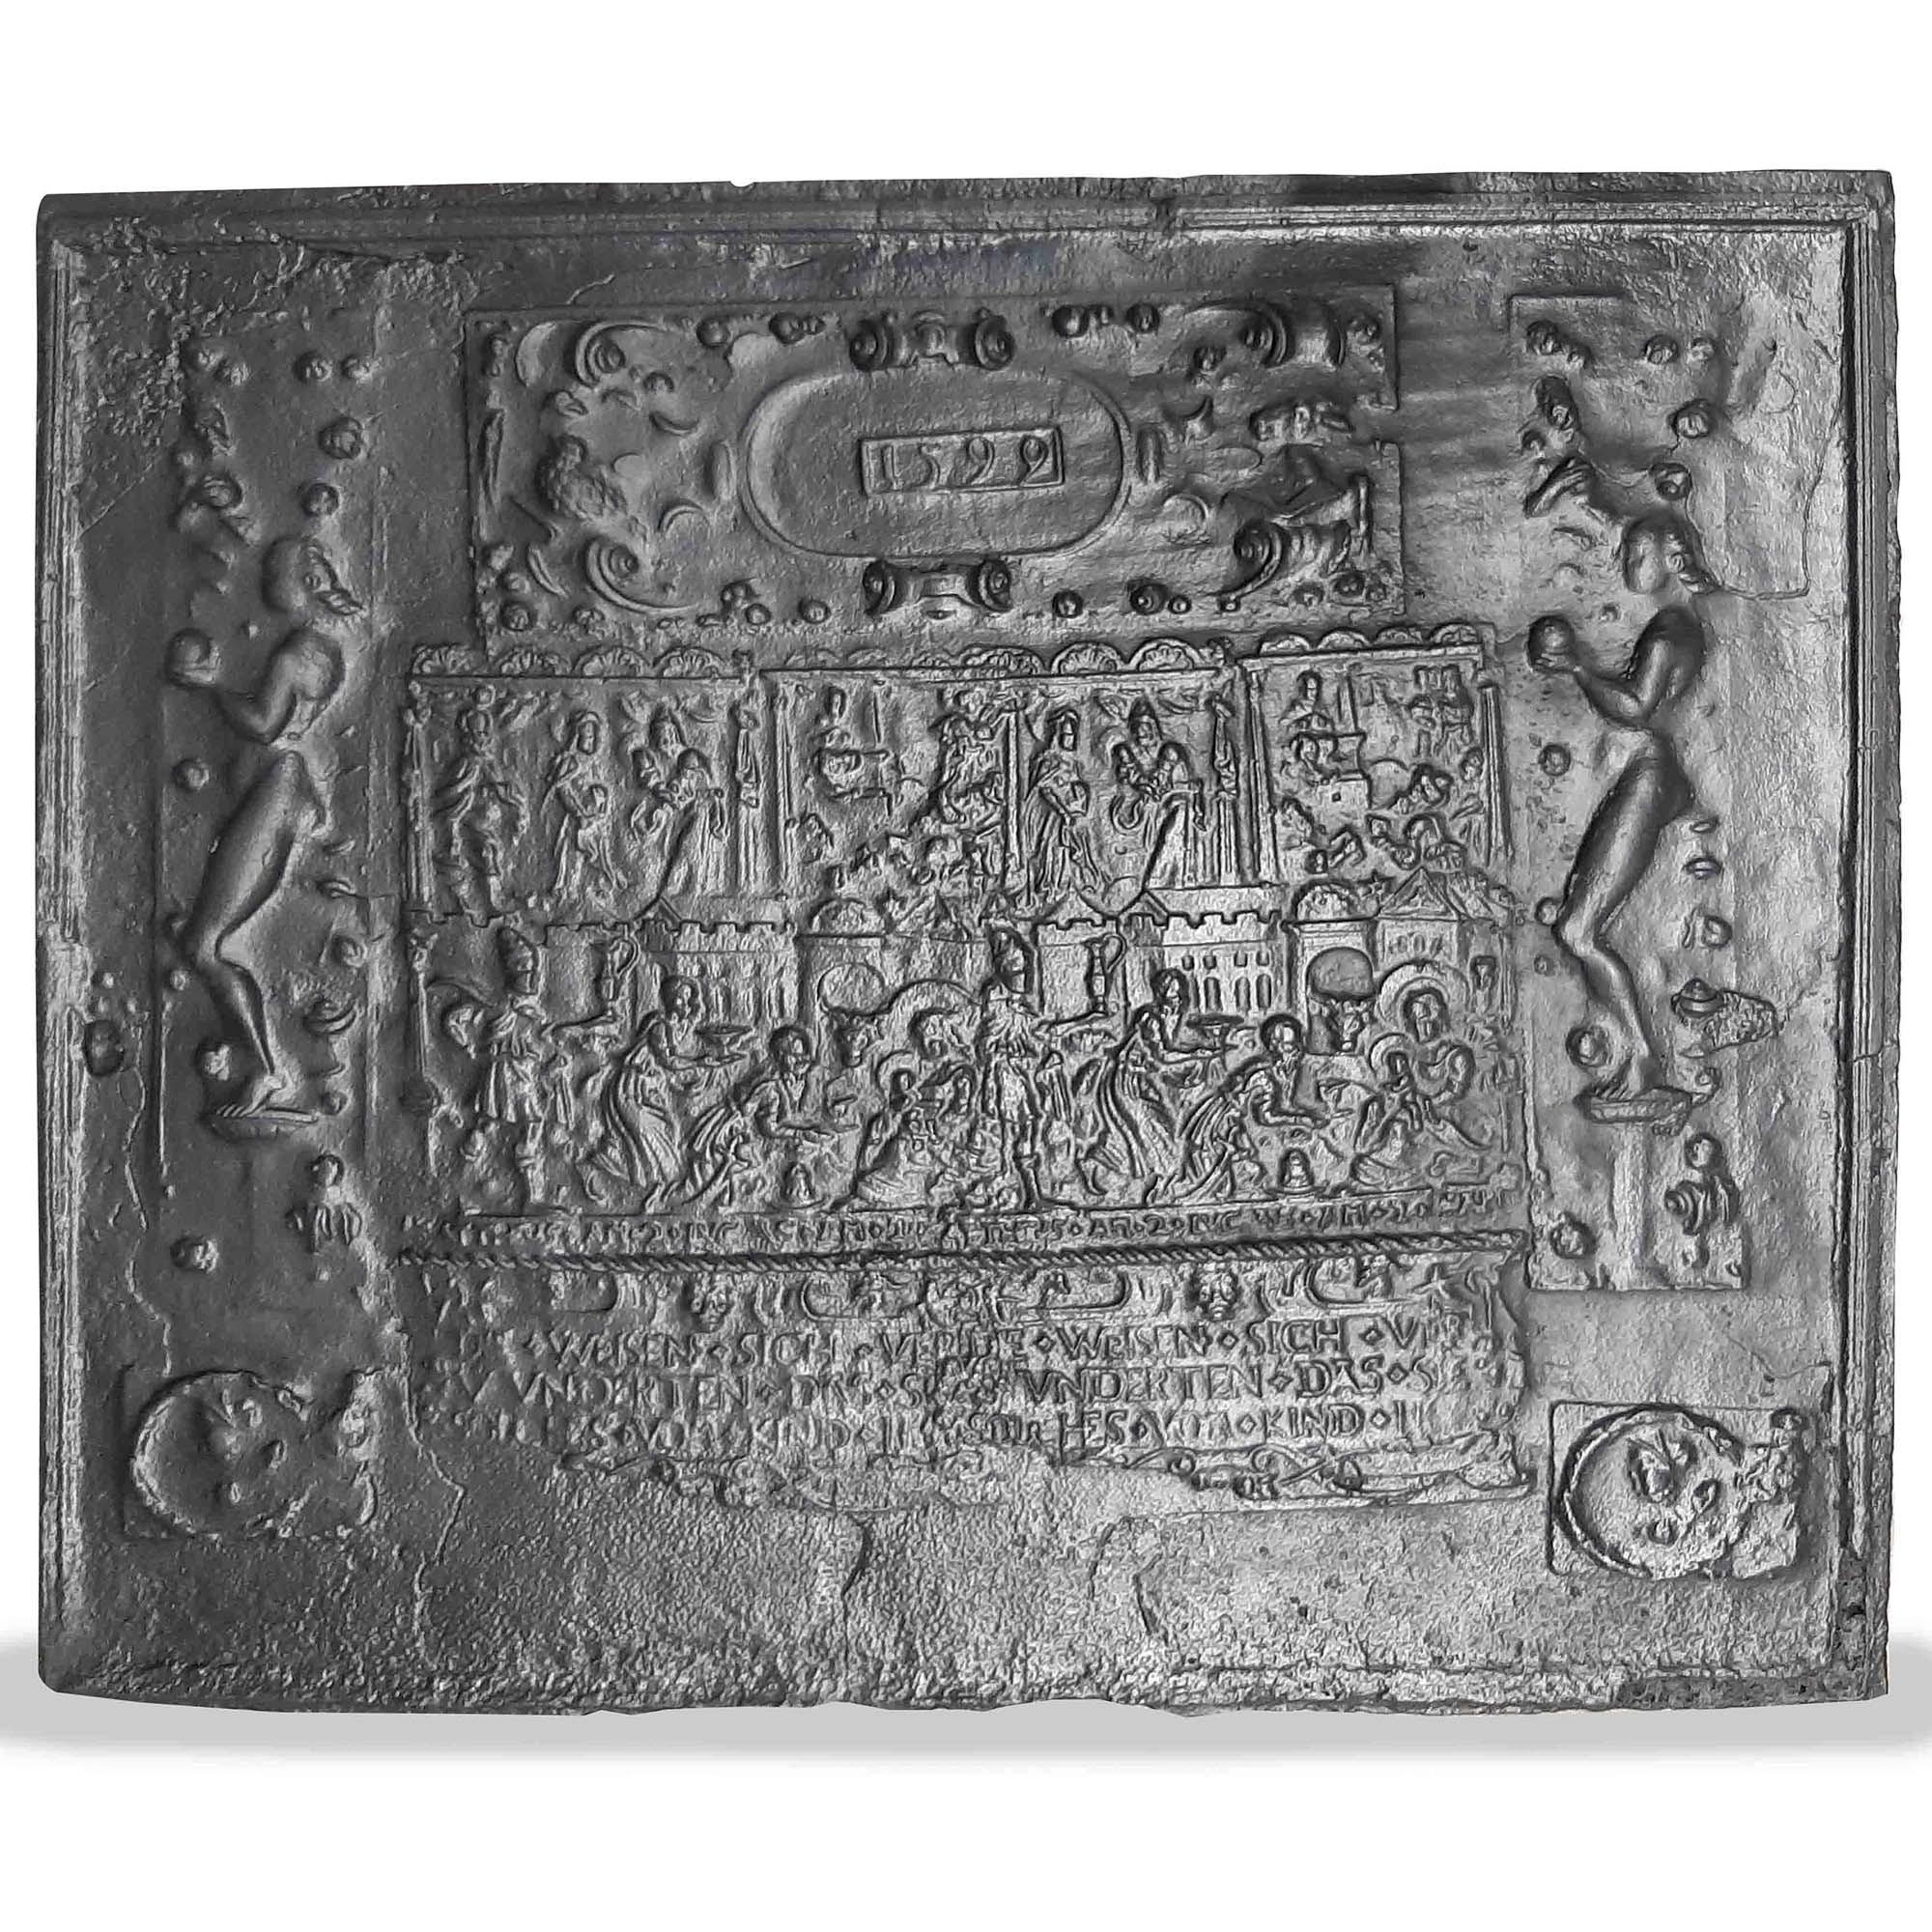 Antikes Hertplatte aus dem 16. Jahrhundert mit Darstellung der Geburt Christi